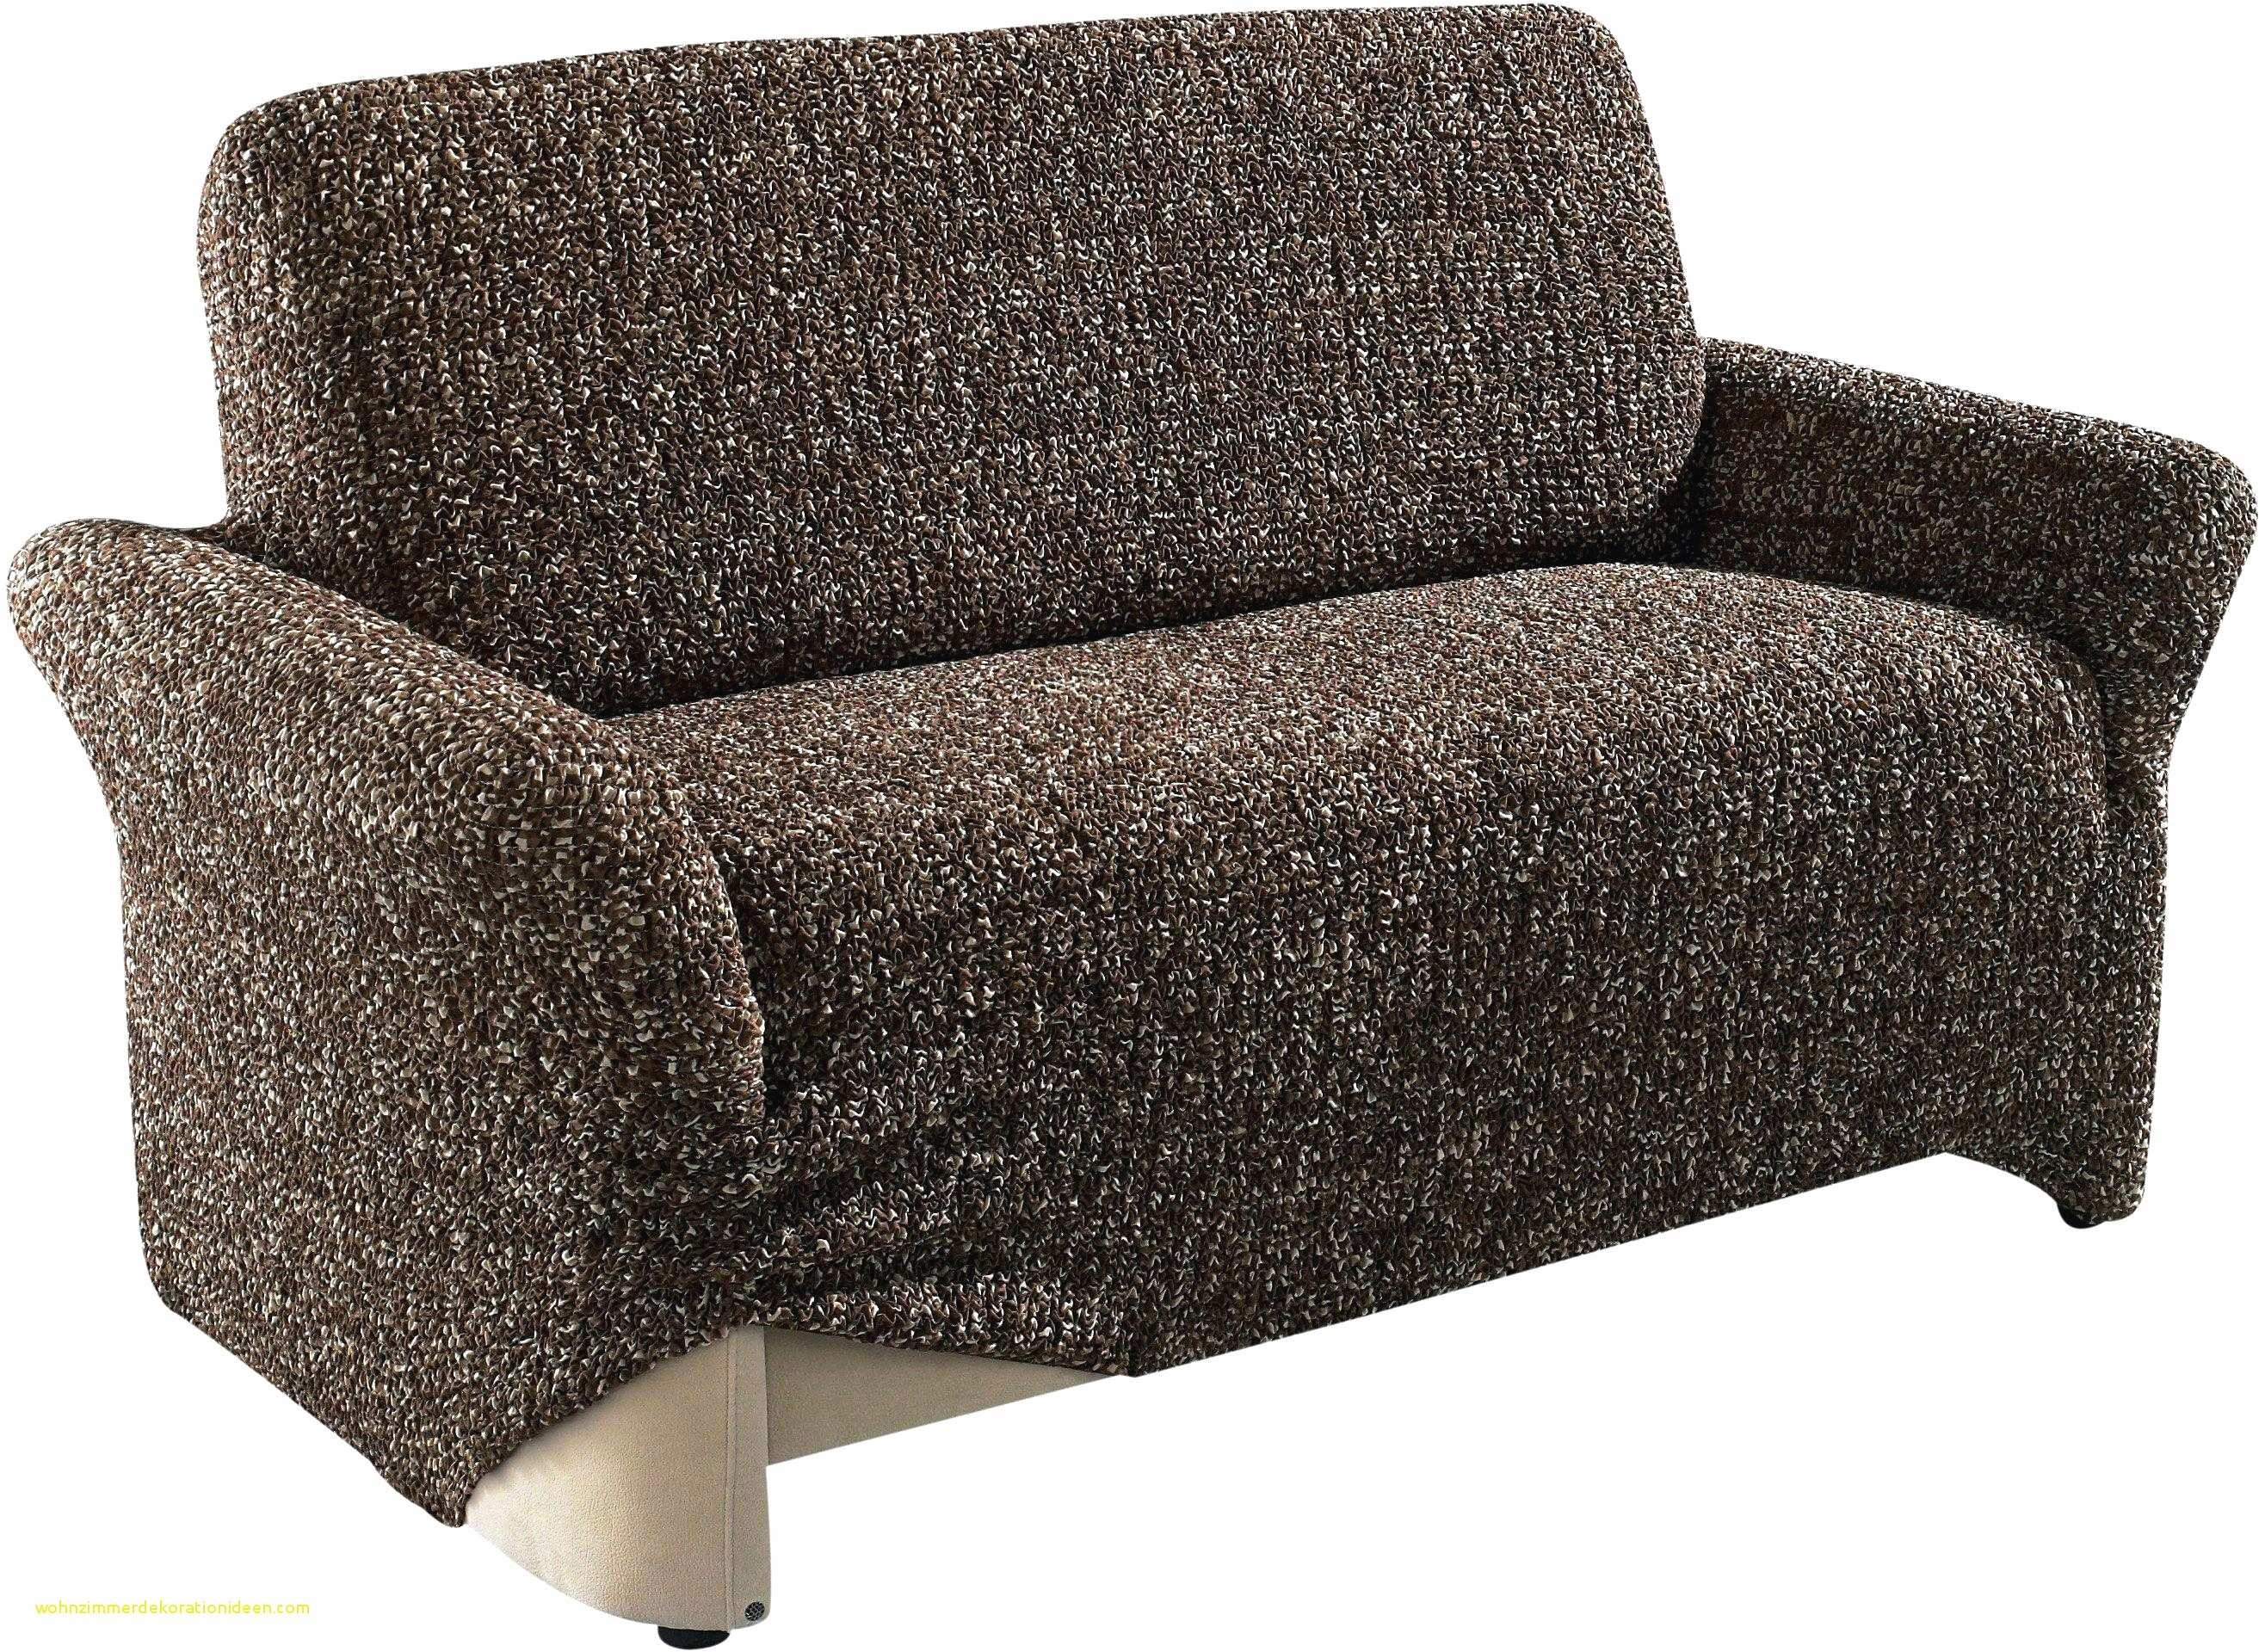 2er sofa schon 20 wonderful kids fold out sleeper chair